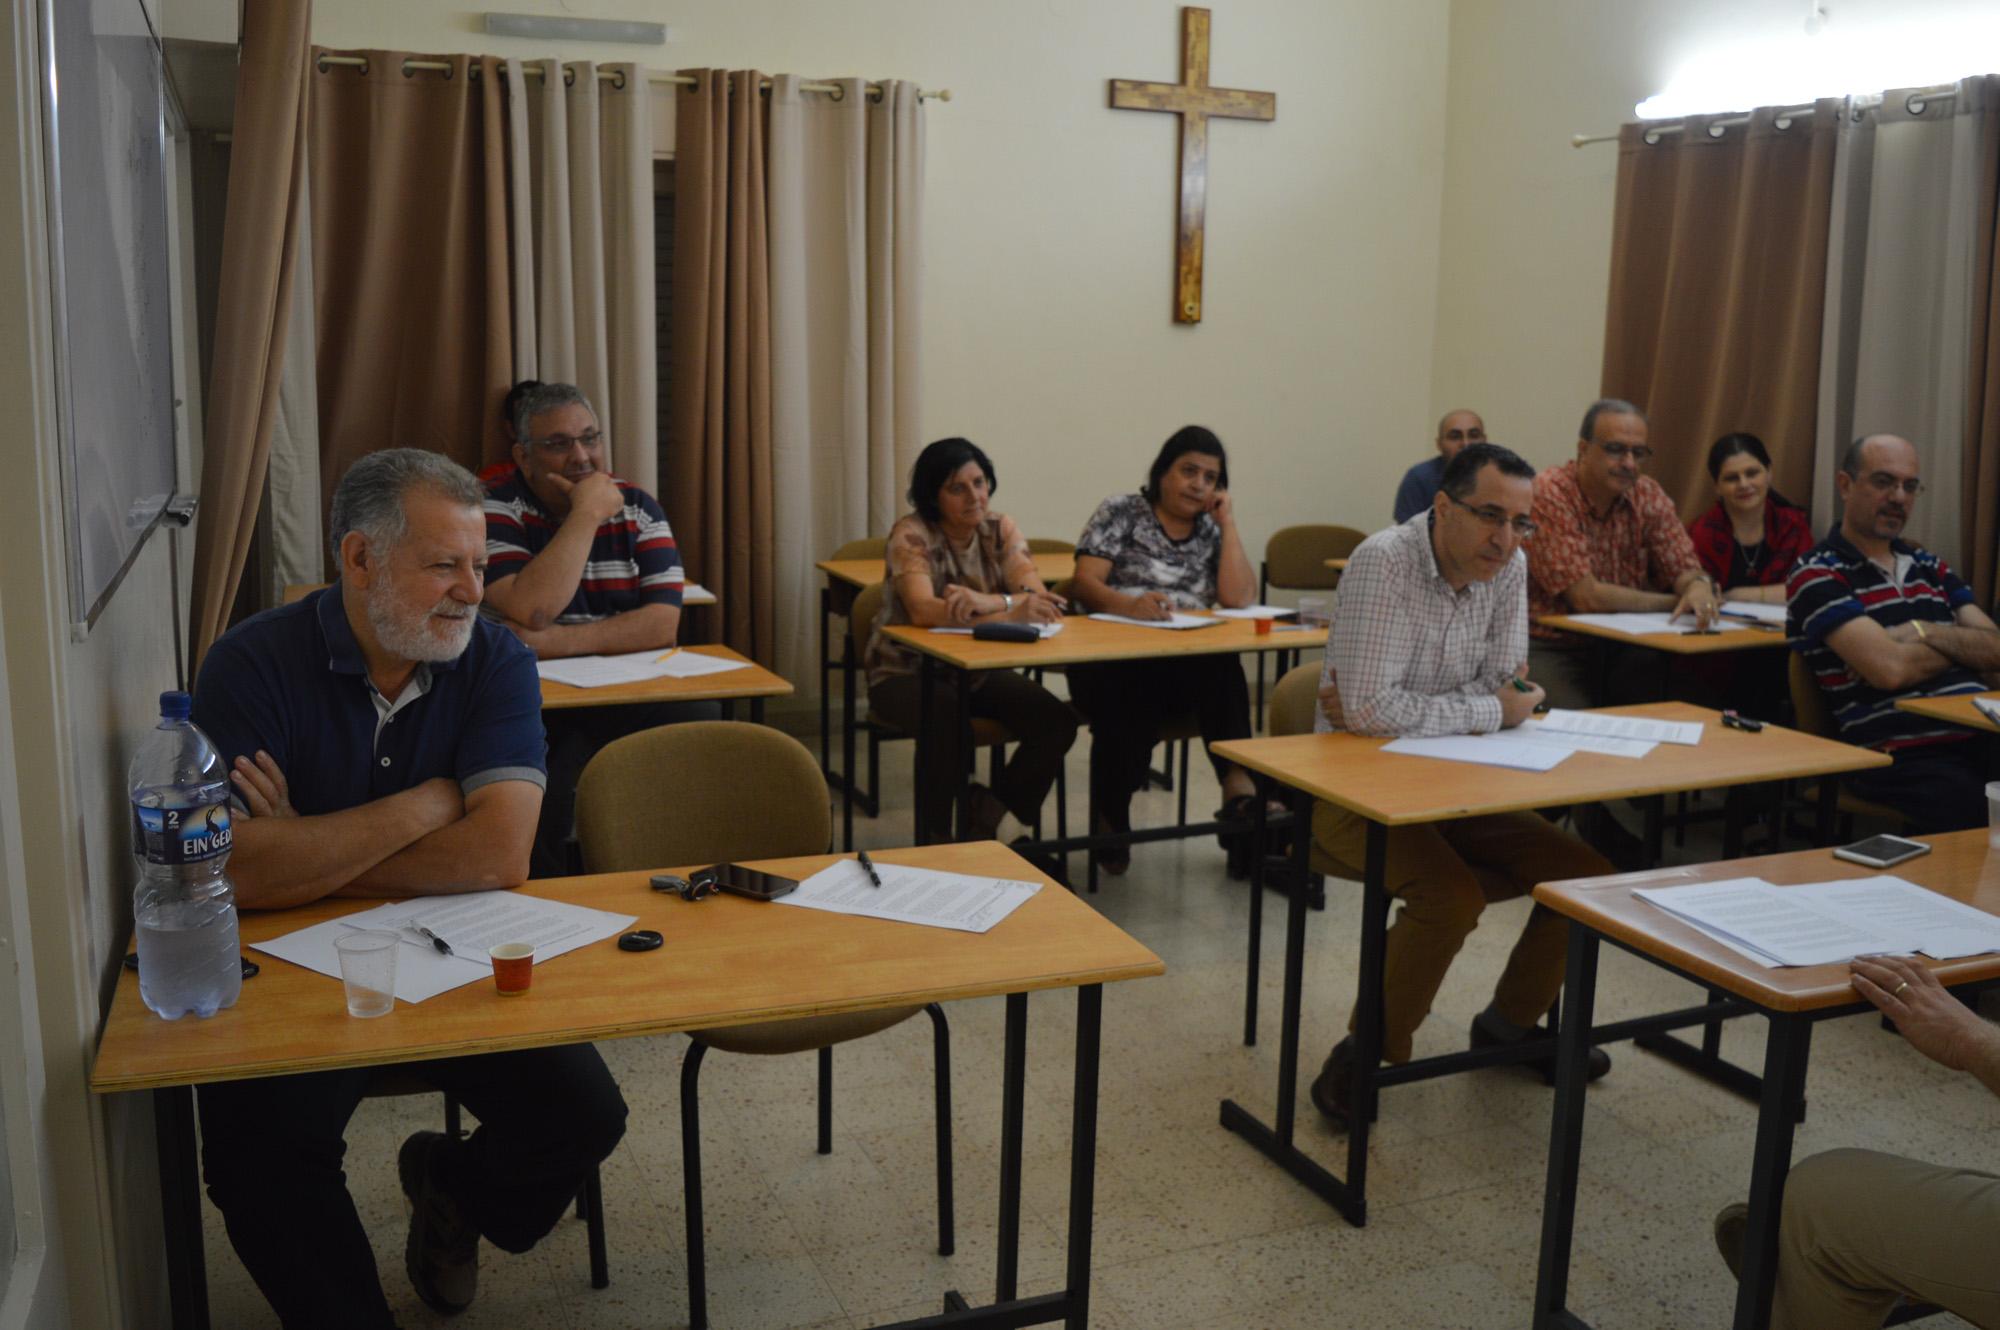 سلسلة محاضرات – مقدمة عن الديانة اليهود - صورة 3